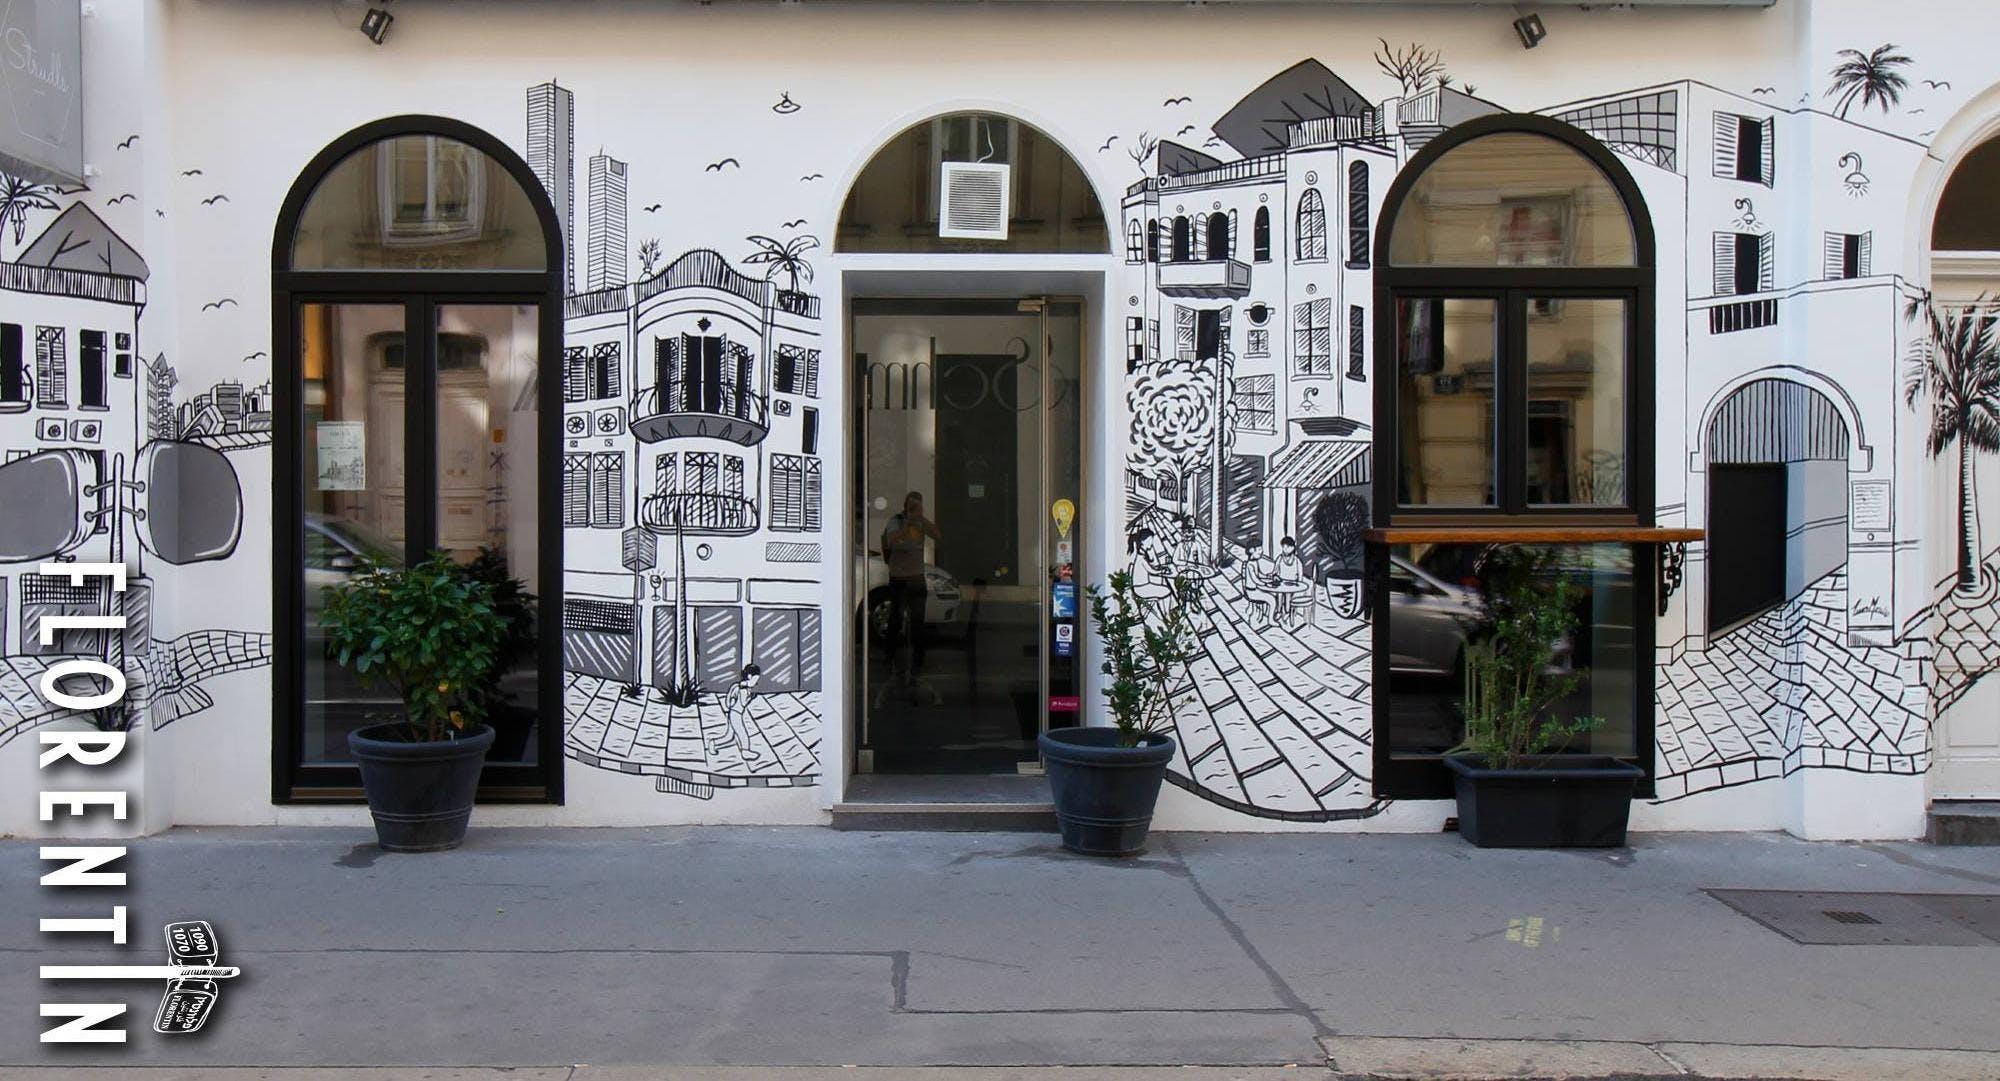 Florentin 1070 Wien image 2